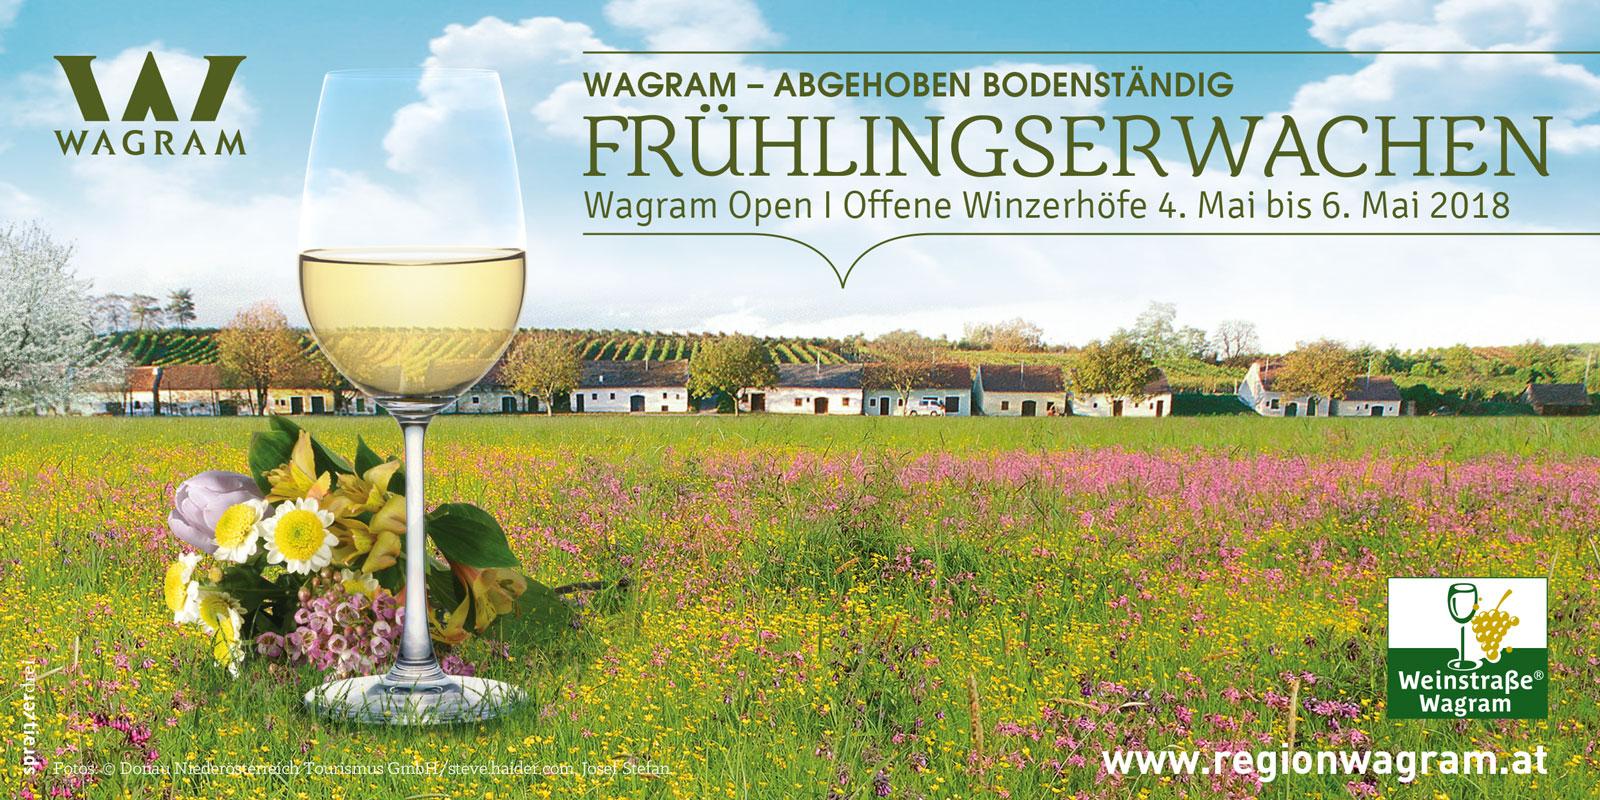 Wagram Open | Offene Winzerhöfe